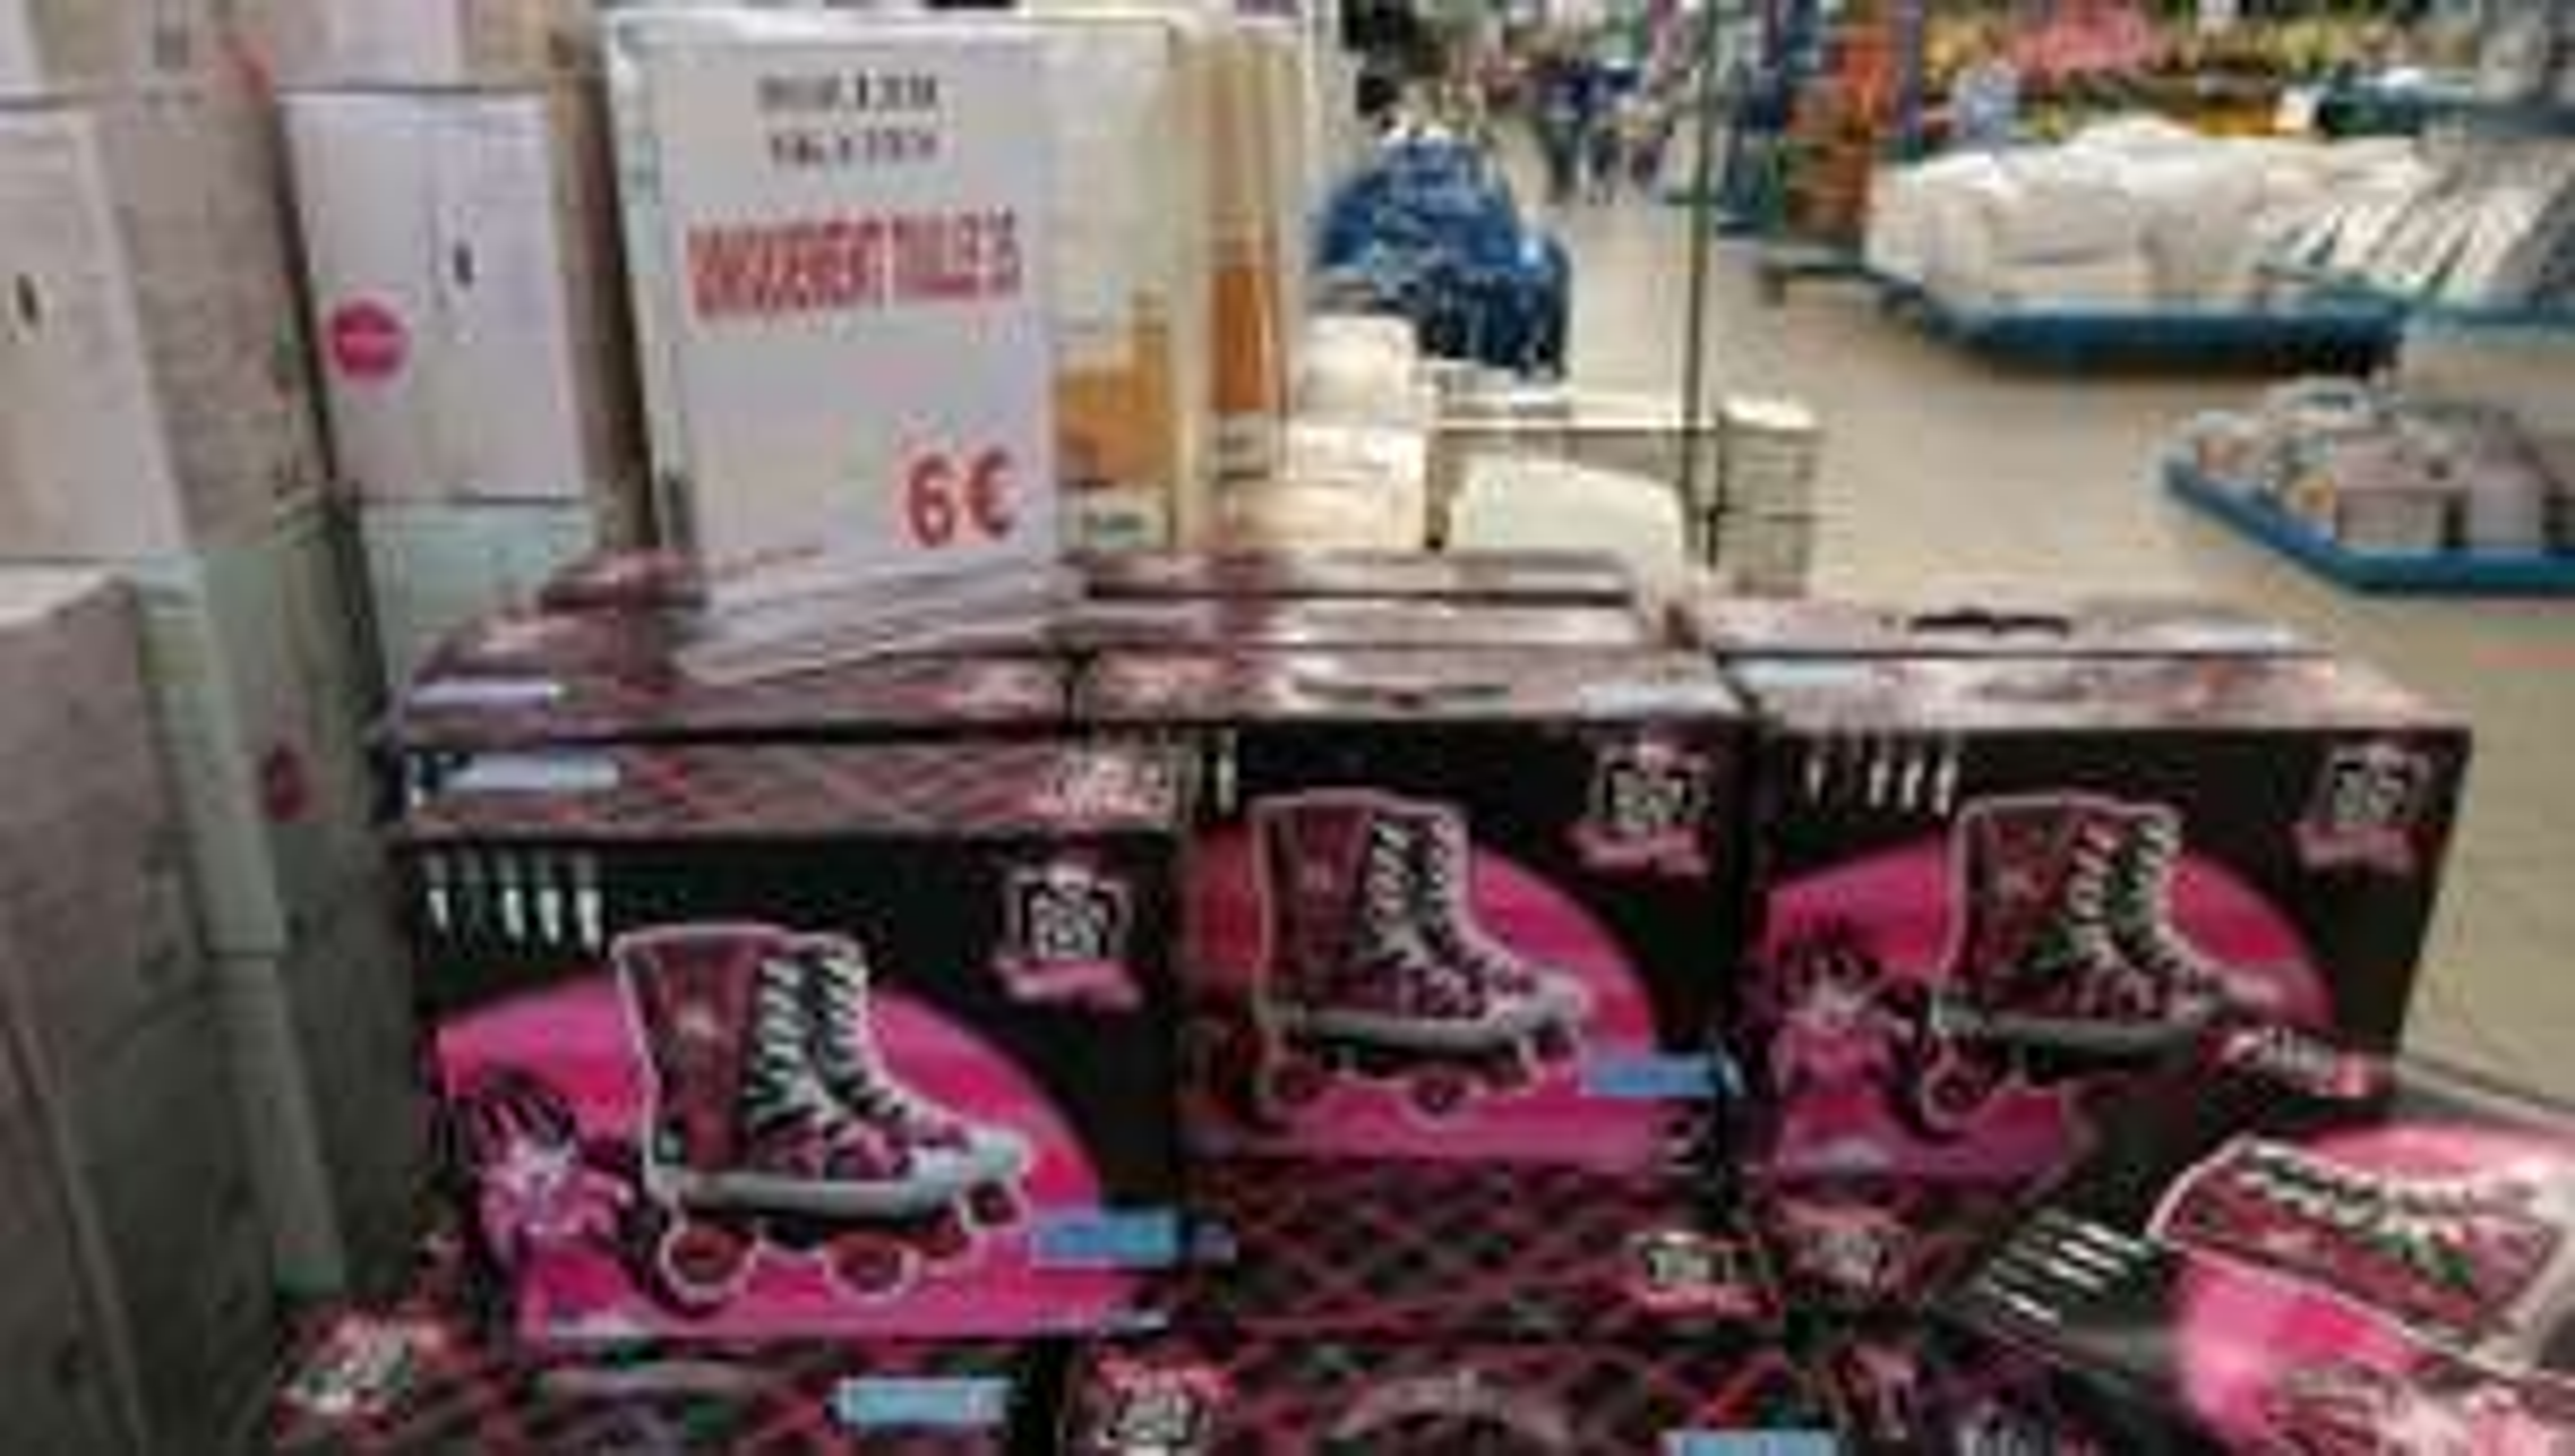 Roller skate Monster High (Taille 35)